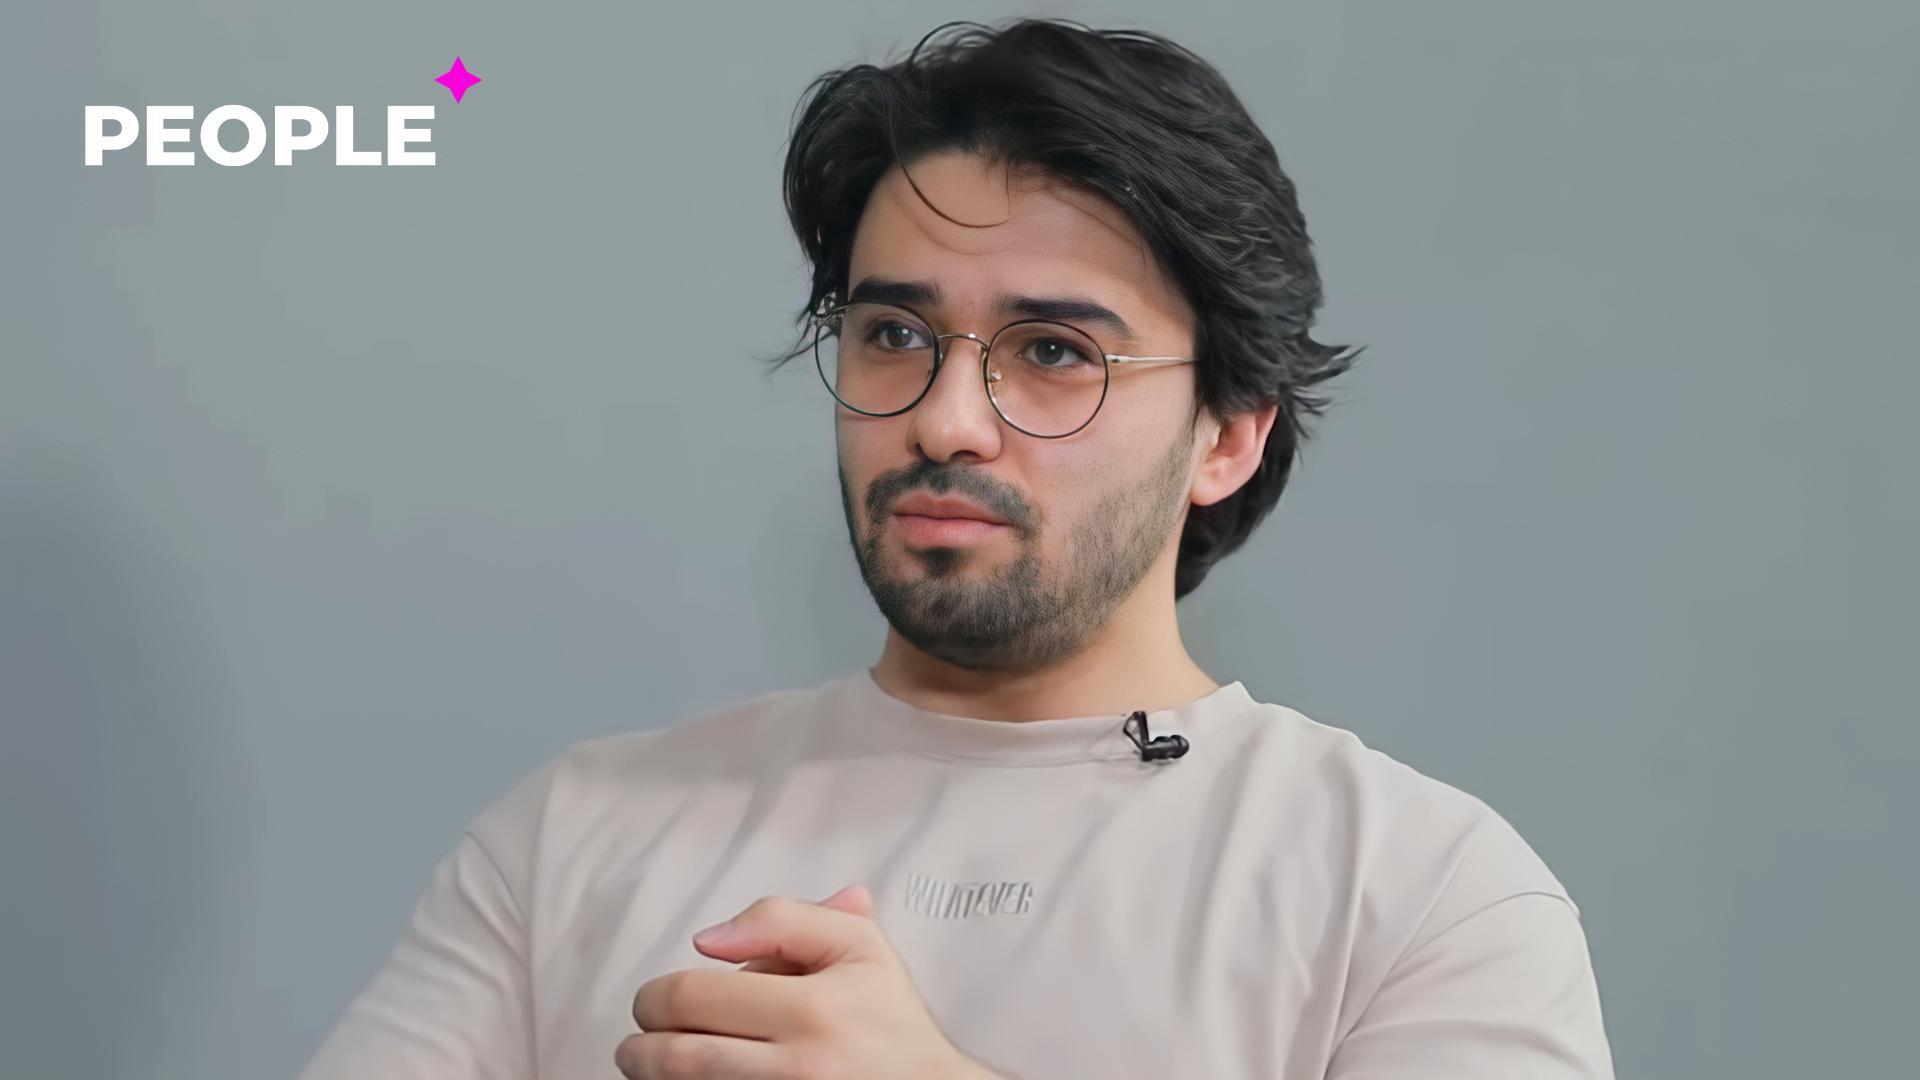 Актер Мухаммадали Алиев рассказал о том, как лишился лучшего друга из-за бизнеса